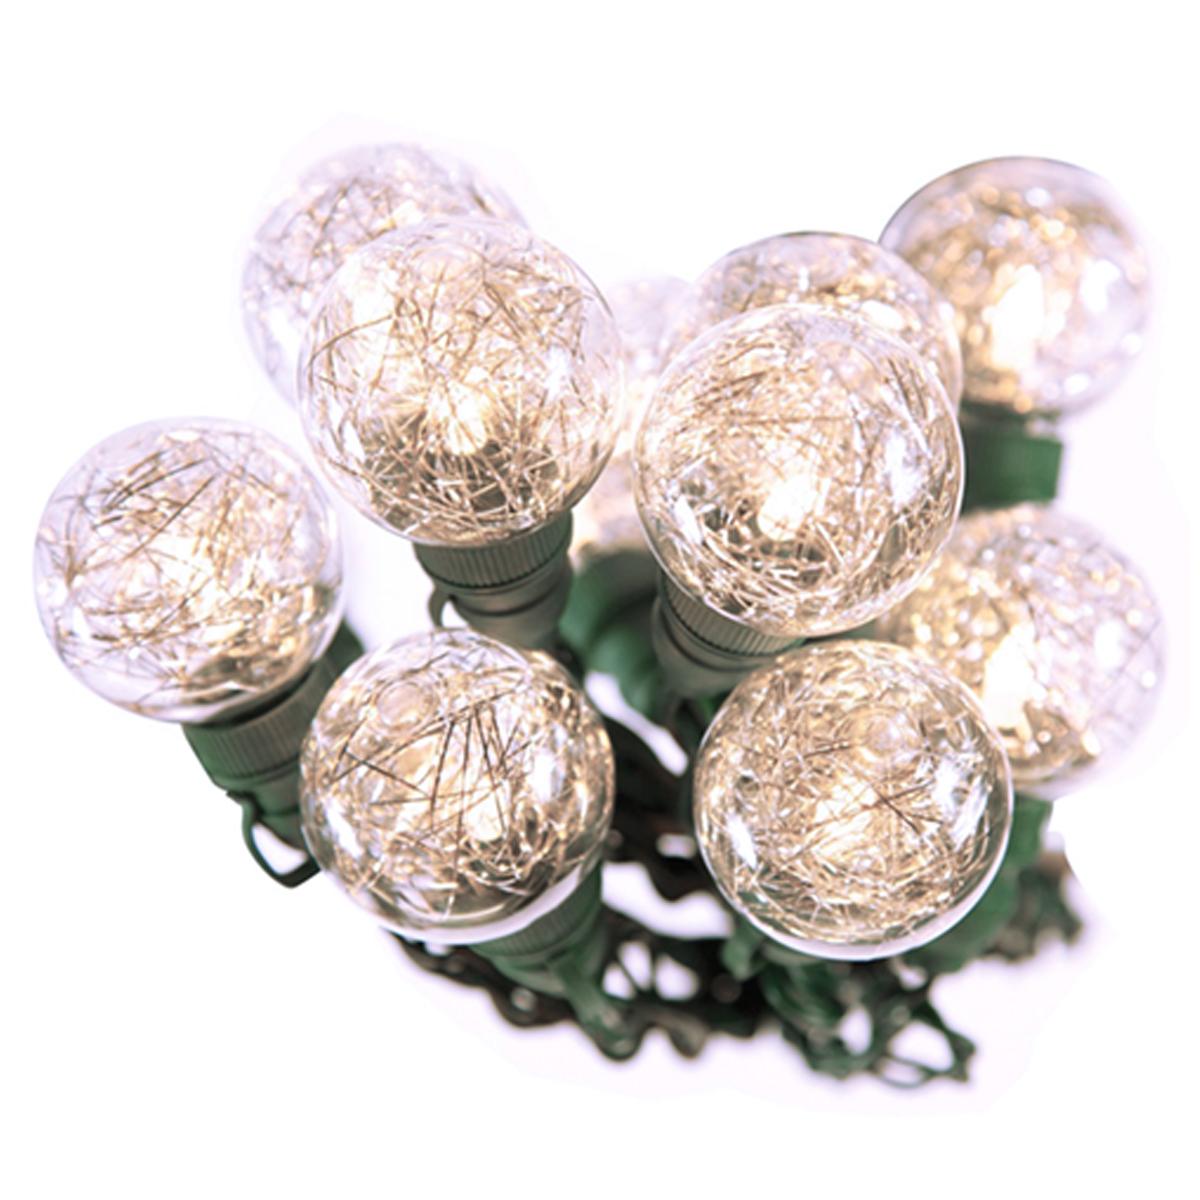 Led String Lights G40 : Bethlehem 20 LED 25ft G40 Tinsel String Lights Christmas Holidays Indoor Outdoor eBay